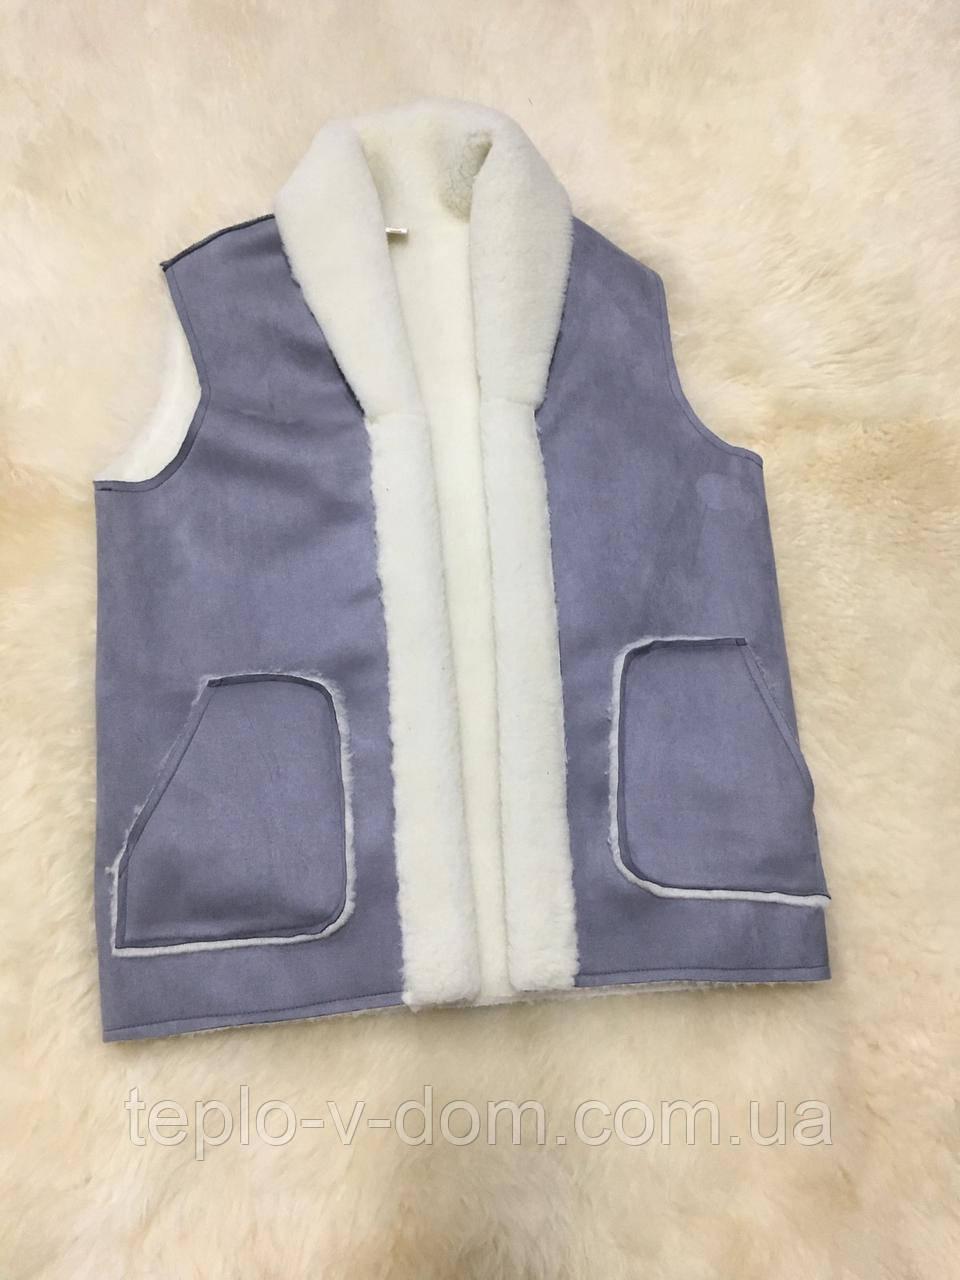 Безрукавка из овечьей шерсти замшевая с карманами без застежек, серый